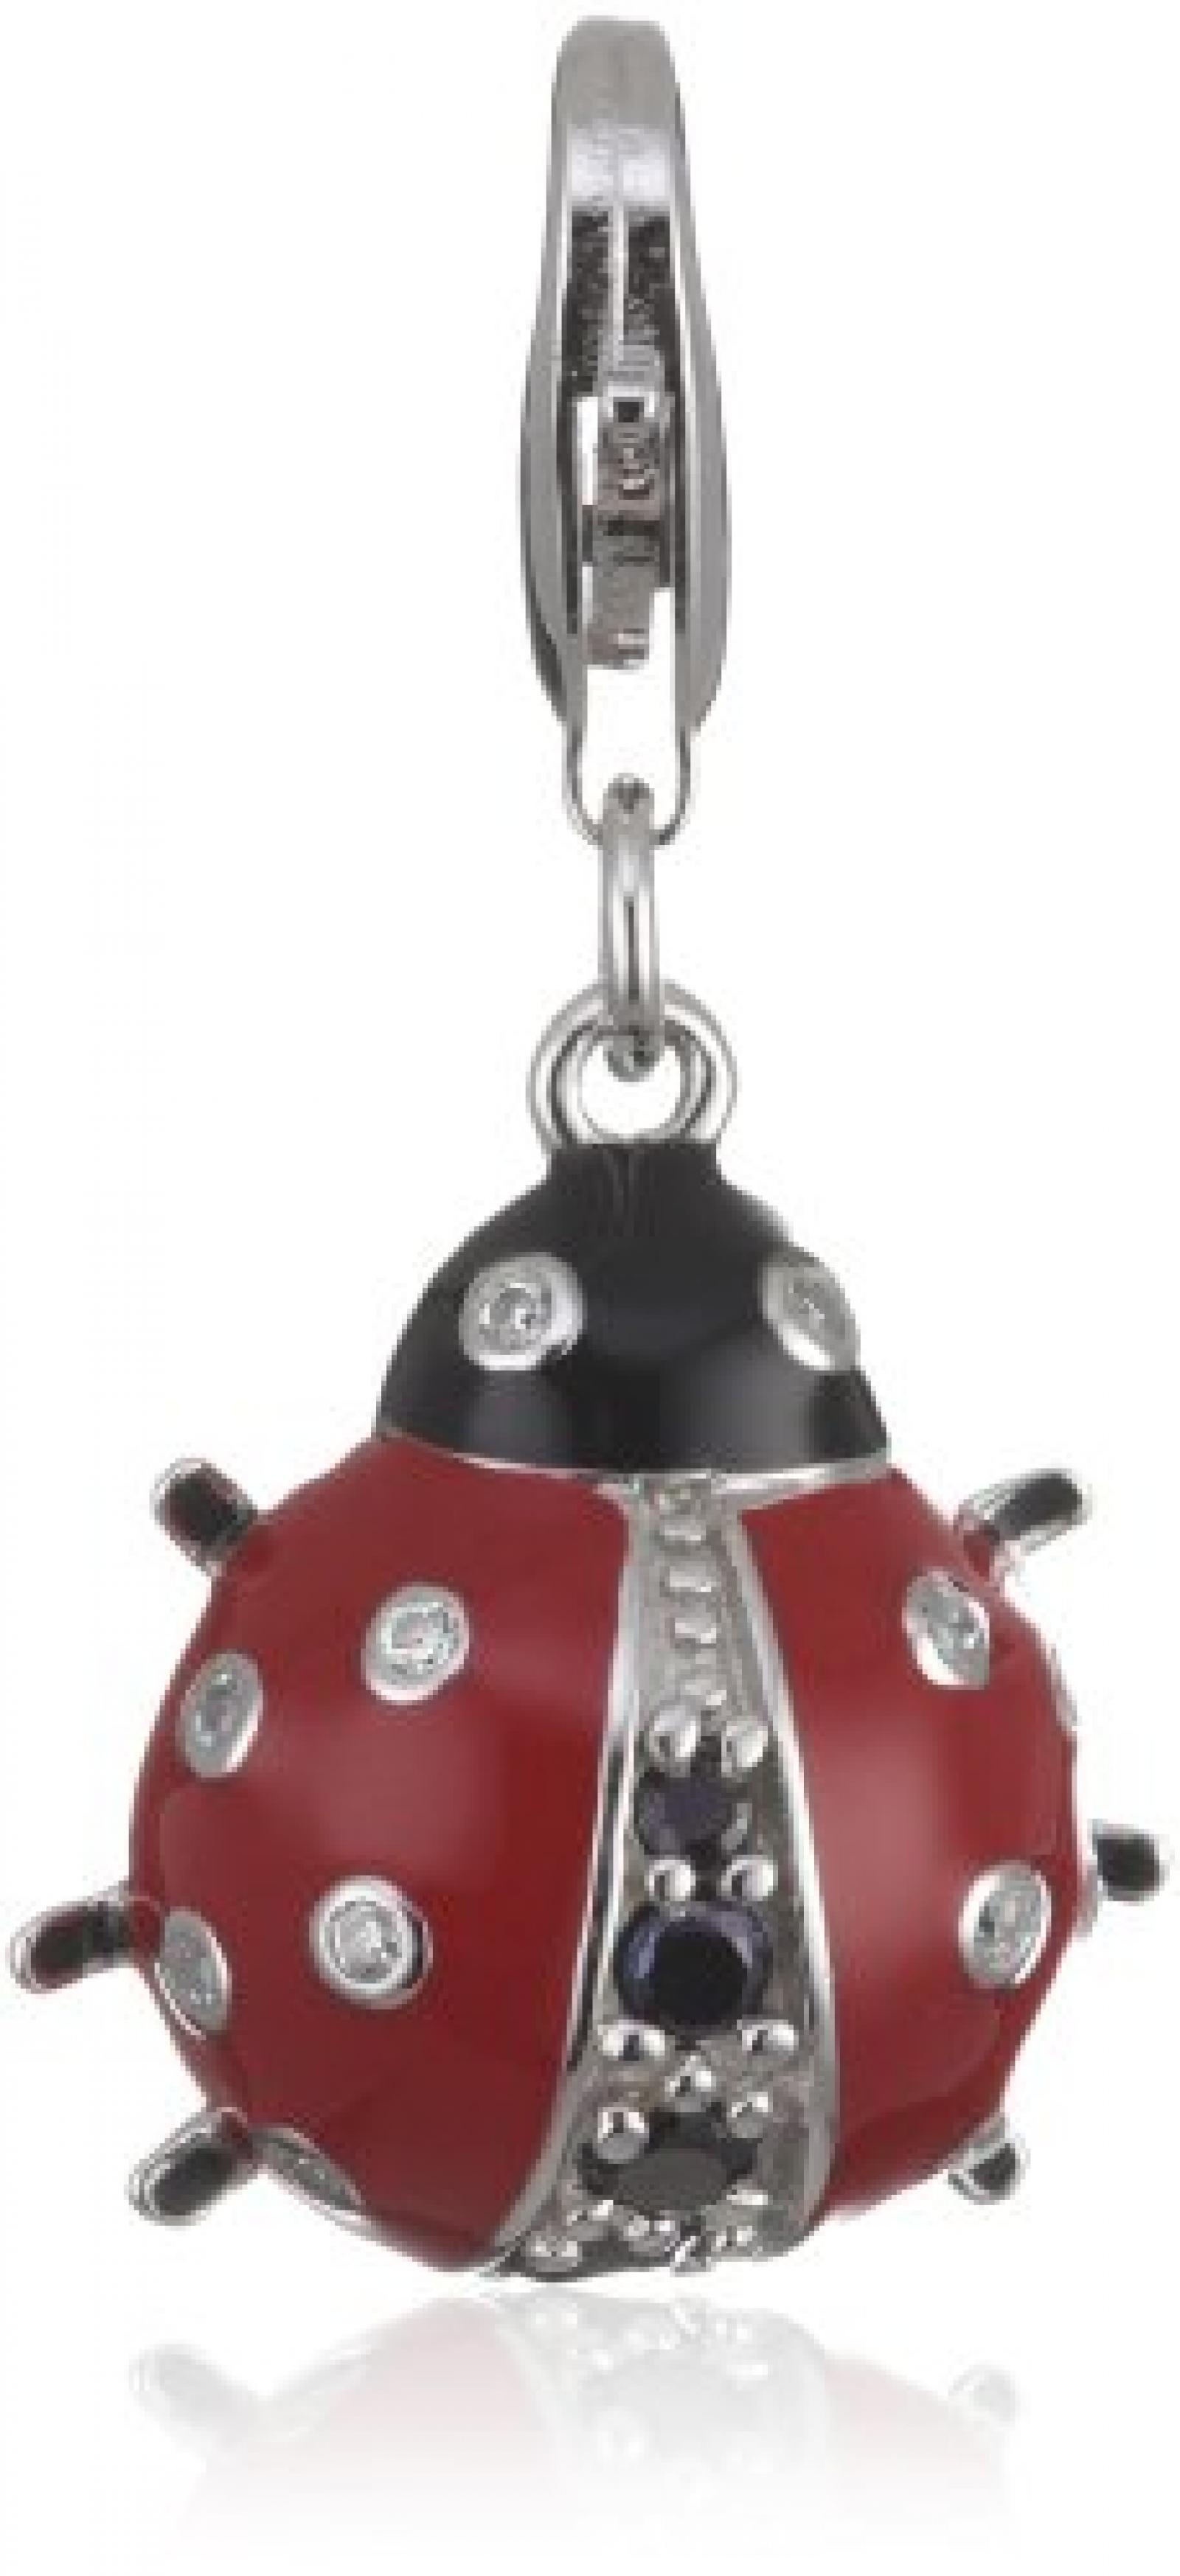 Rafaela Donata Charm Collection Damen-Charm Marienkäfer 925 Sterling Silber Zirkonia weiß Emaille schwarz / rot  60600140